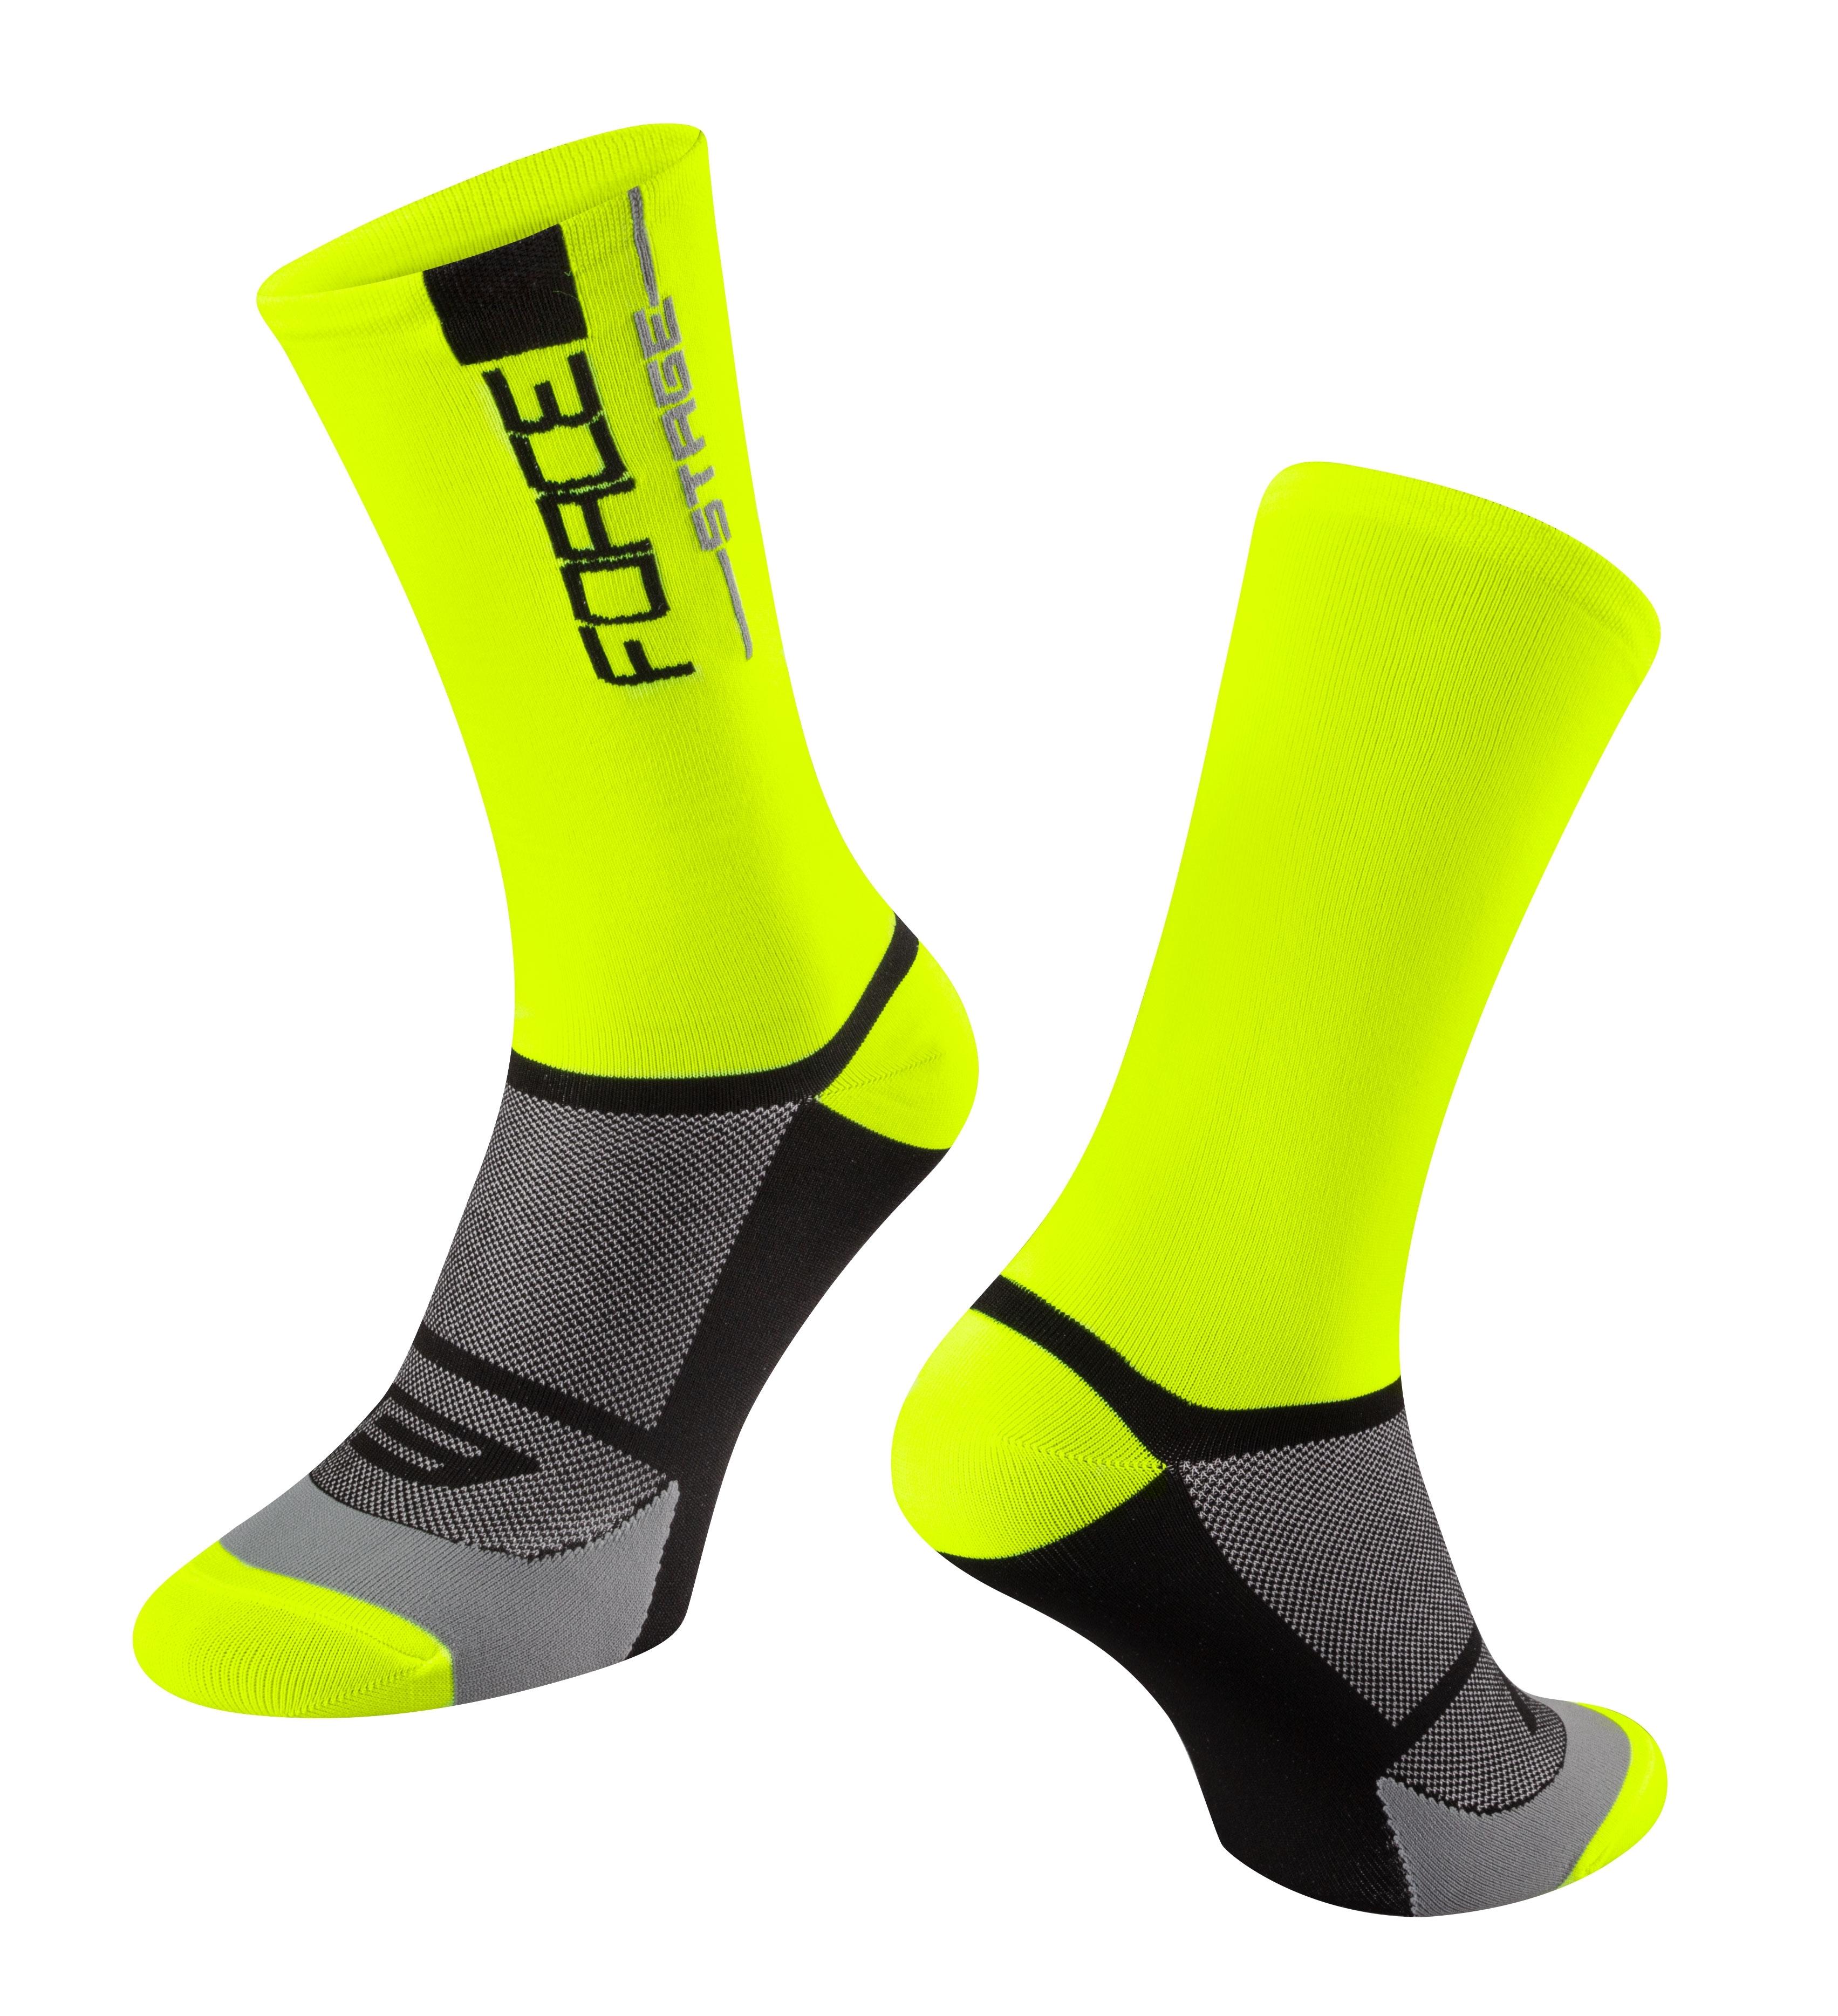 ponožky FORCE STAGE, fluo-černé S-M/36-41